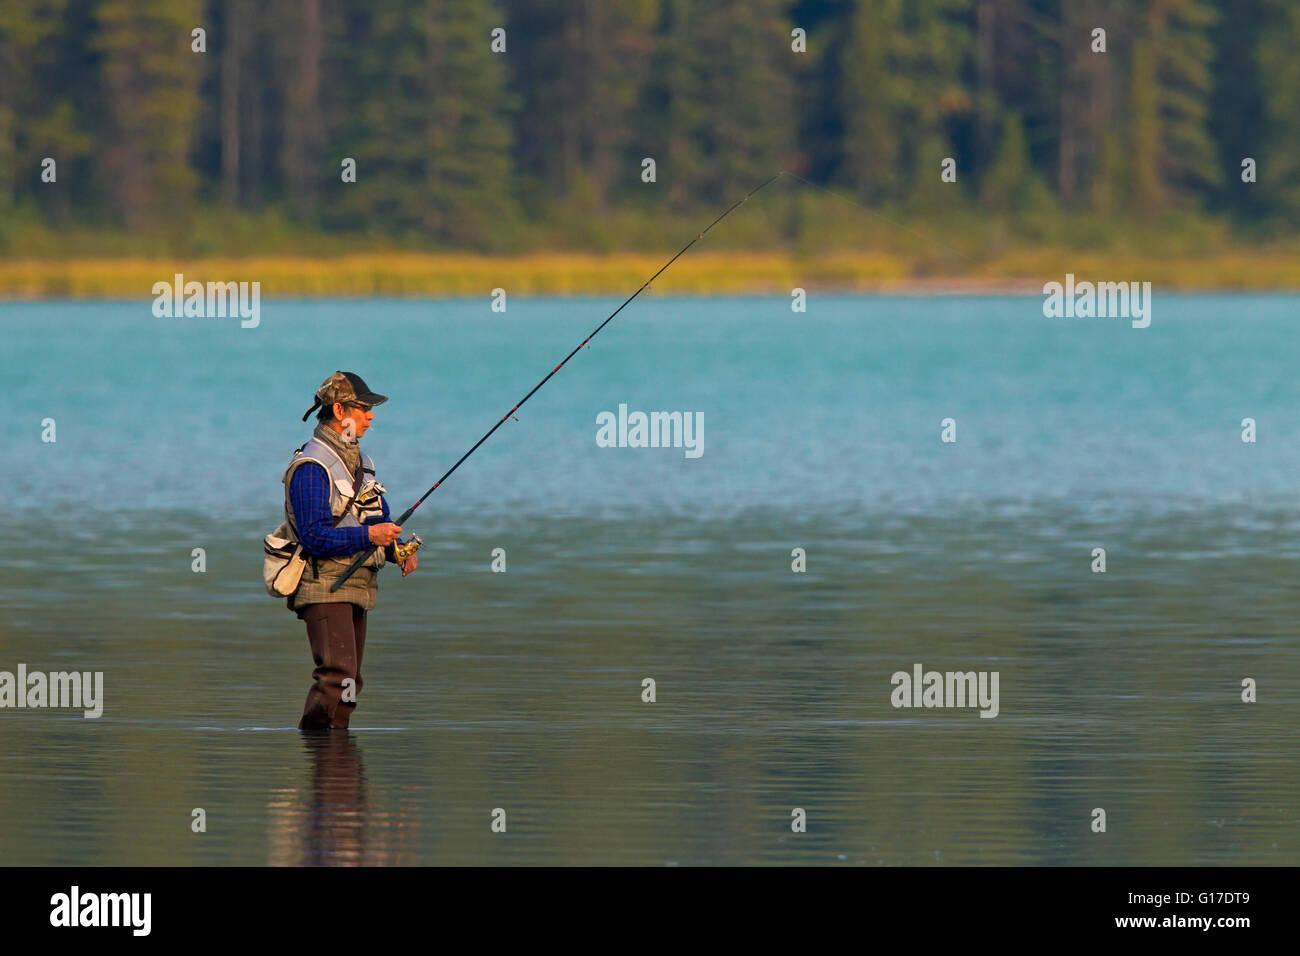 Fly pescatore di Pesca a Mosca Report di pesca in lago, il Parco Nazionale di Banff, Alberta, montagne rocciose, Immagini Stock